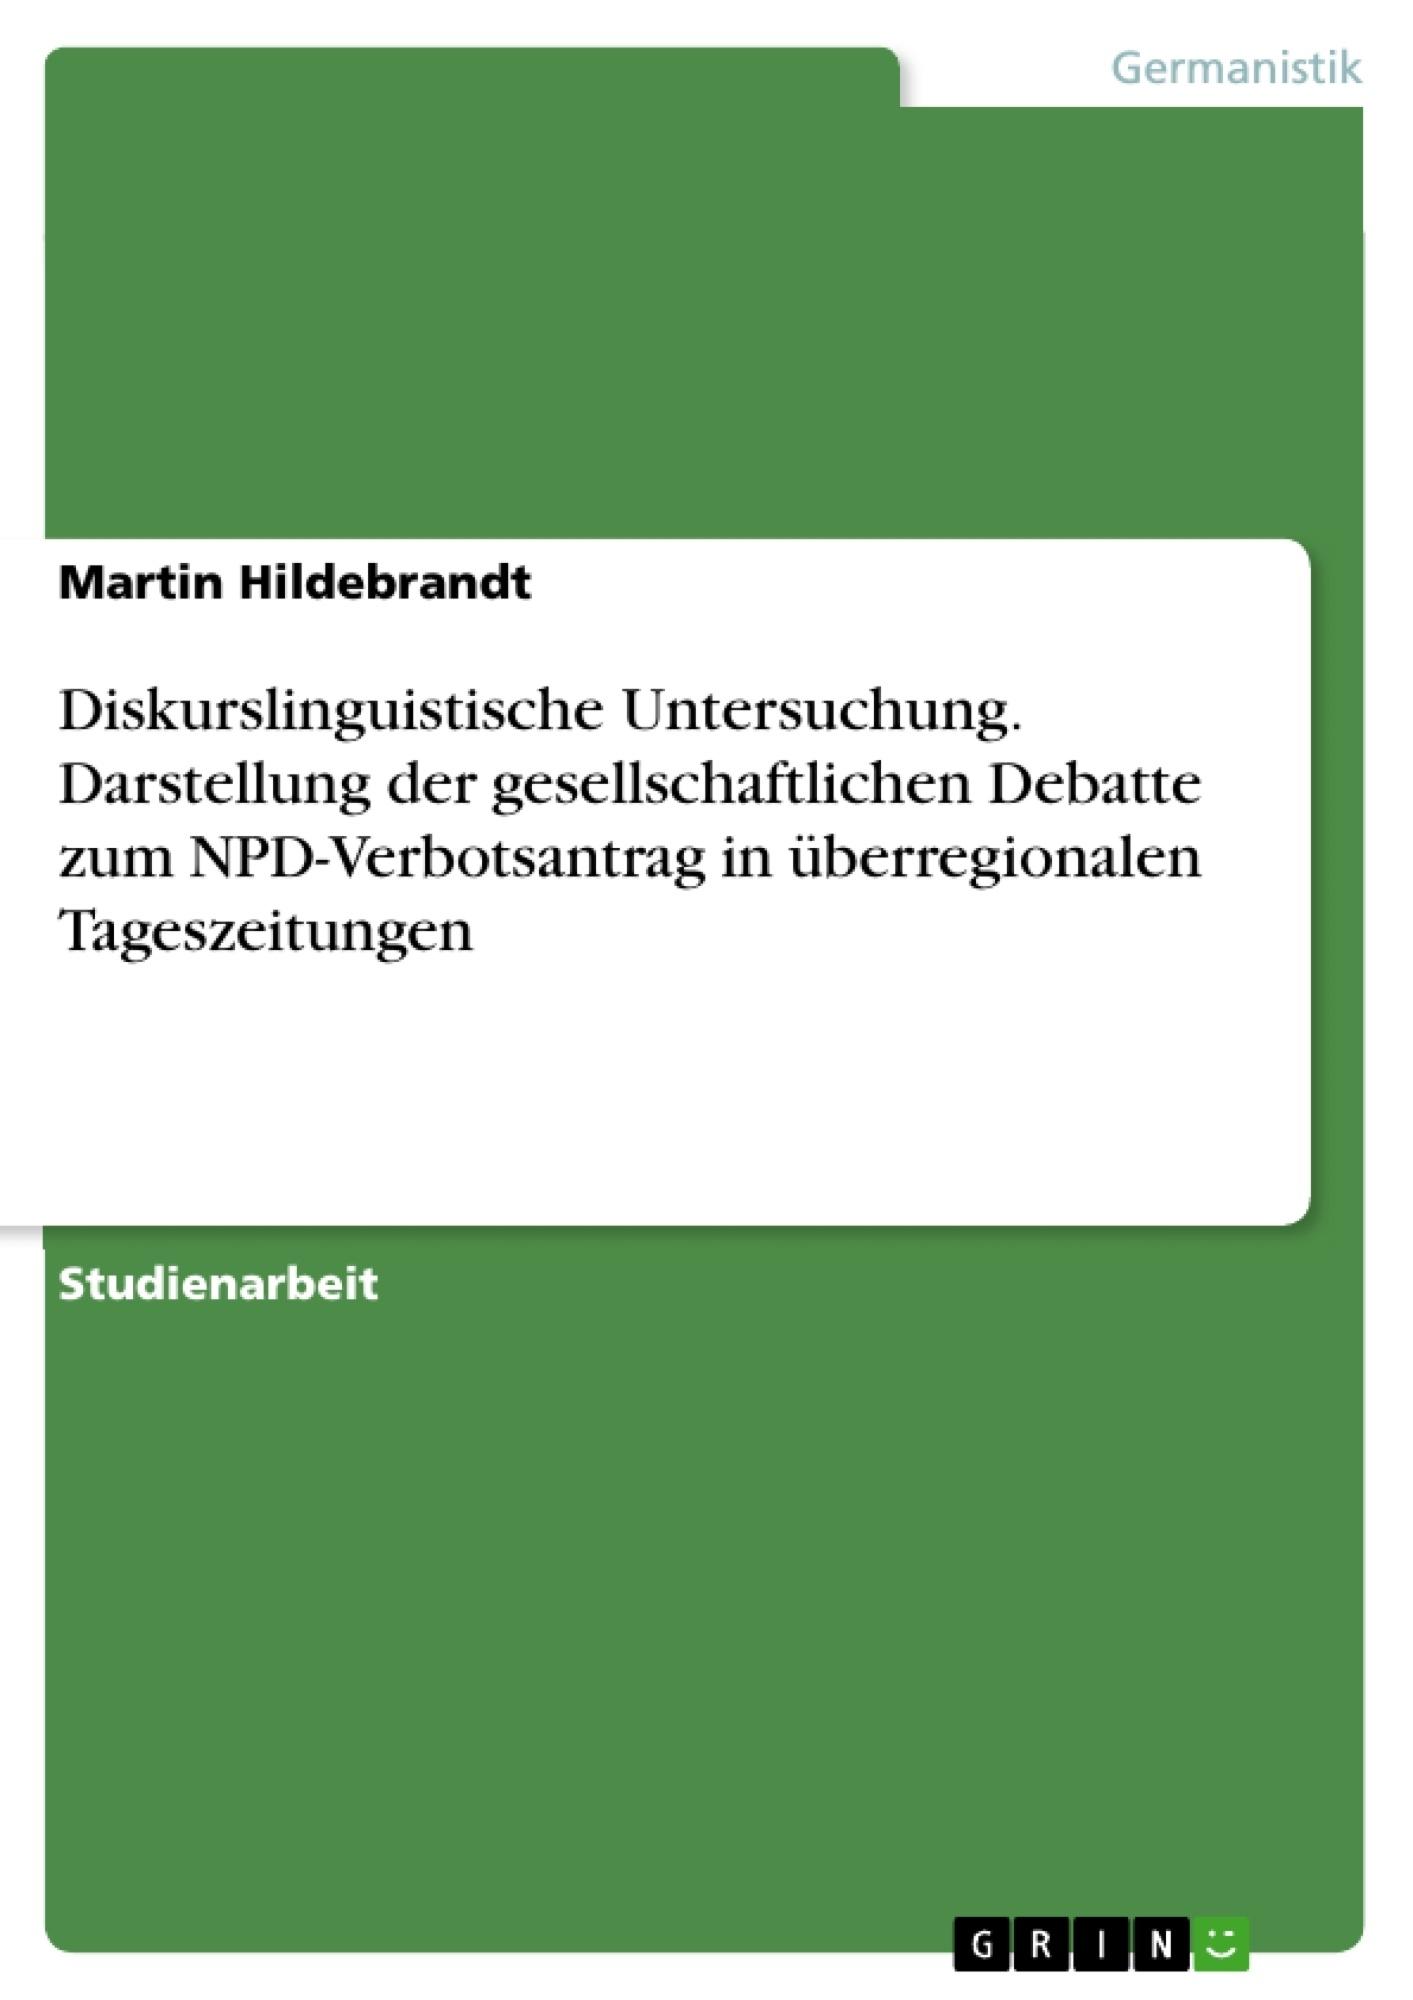 Titel: Diskurslinguistische Untersuchung. Darstellung der gesellschaftlichen Debatte zum NPD-Verbotsantrag in überregionalen Tageszeitungen